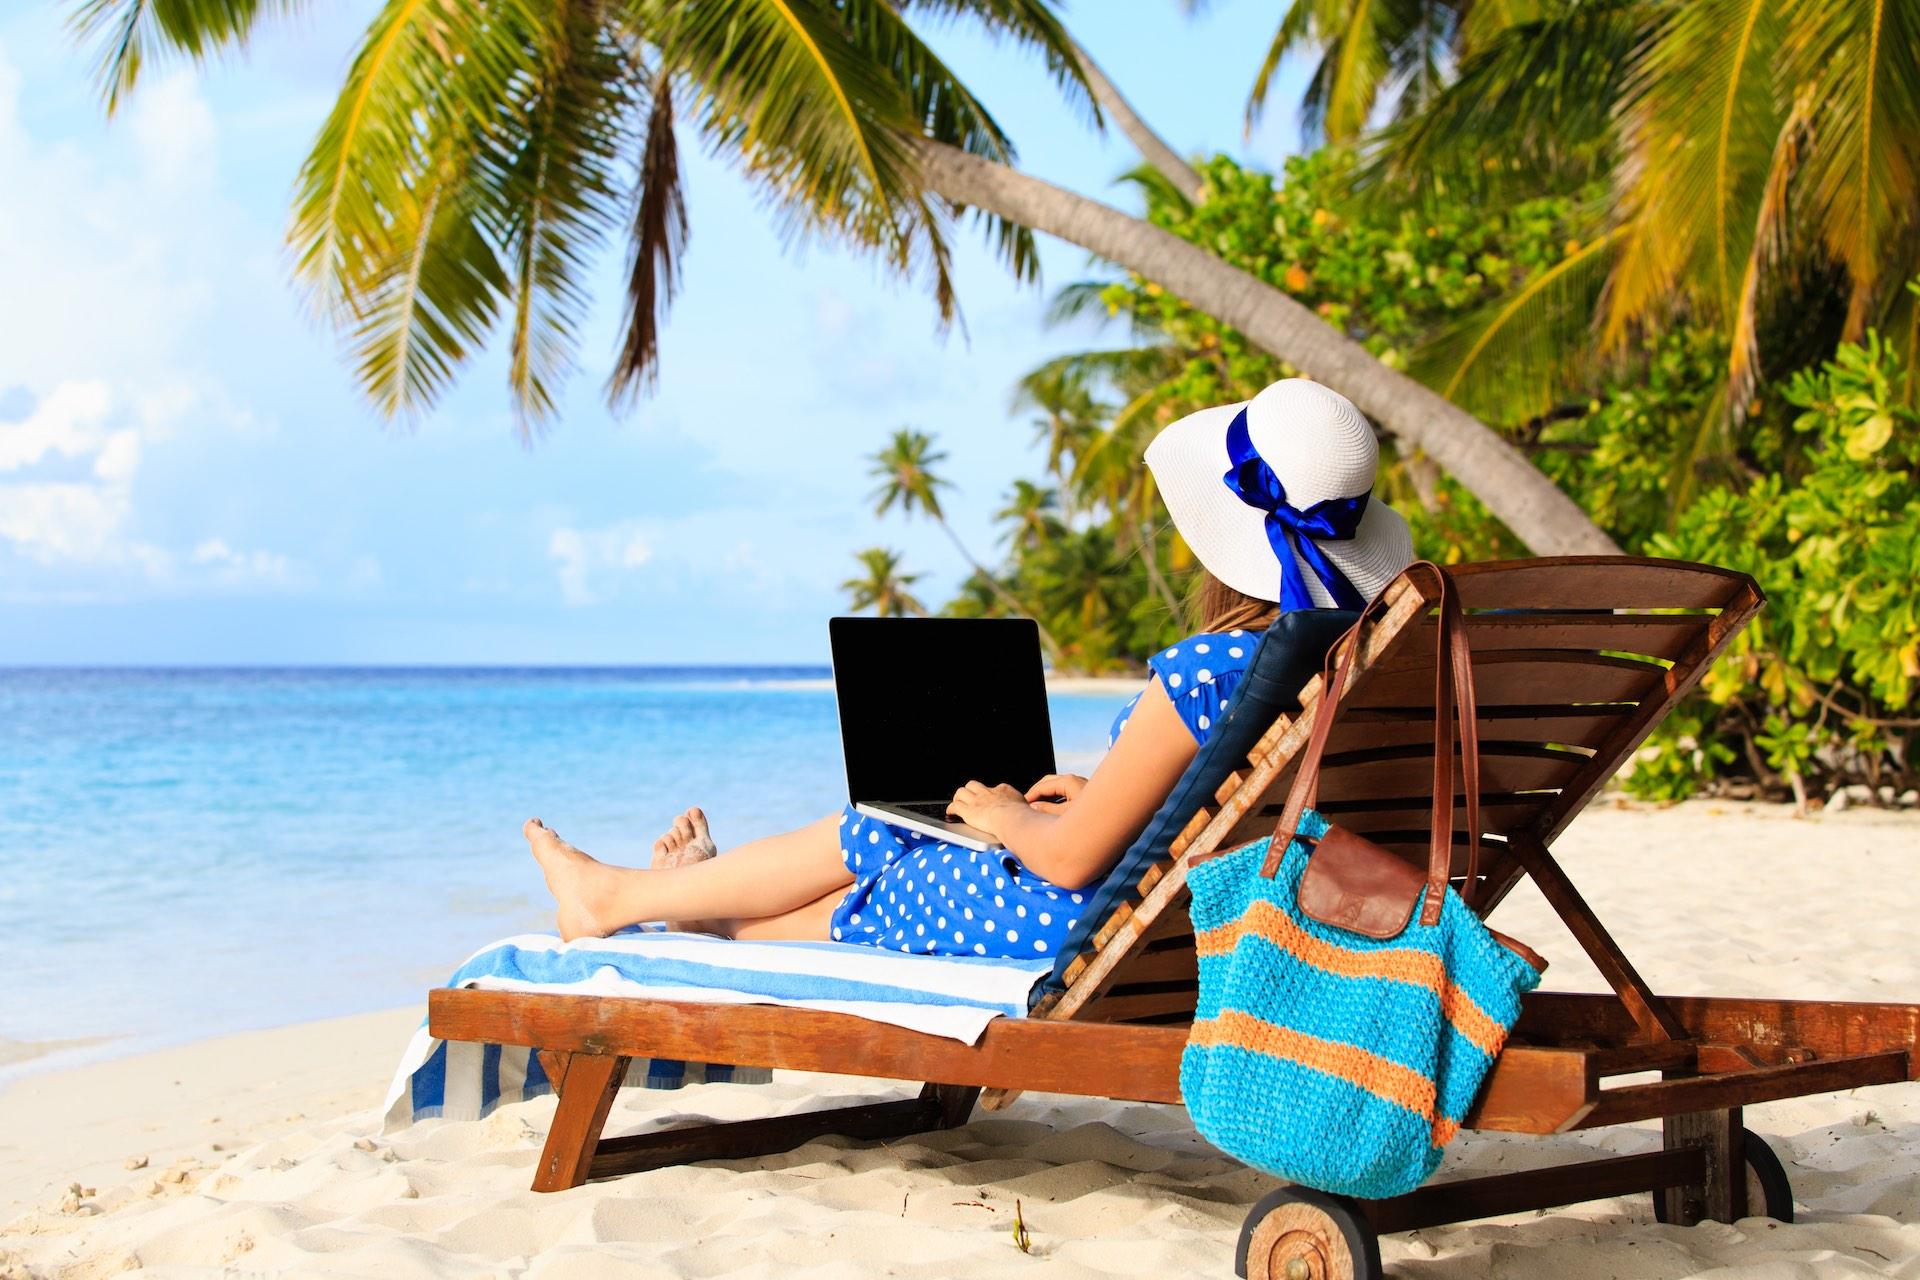 當年紀不再是退休主因,如何善用科技,讓自己退而不休?